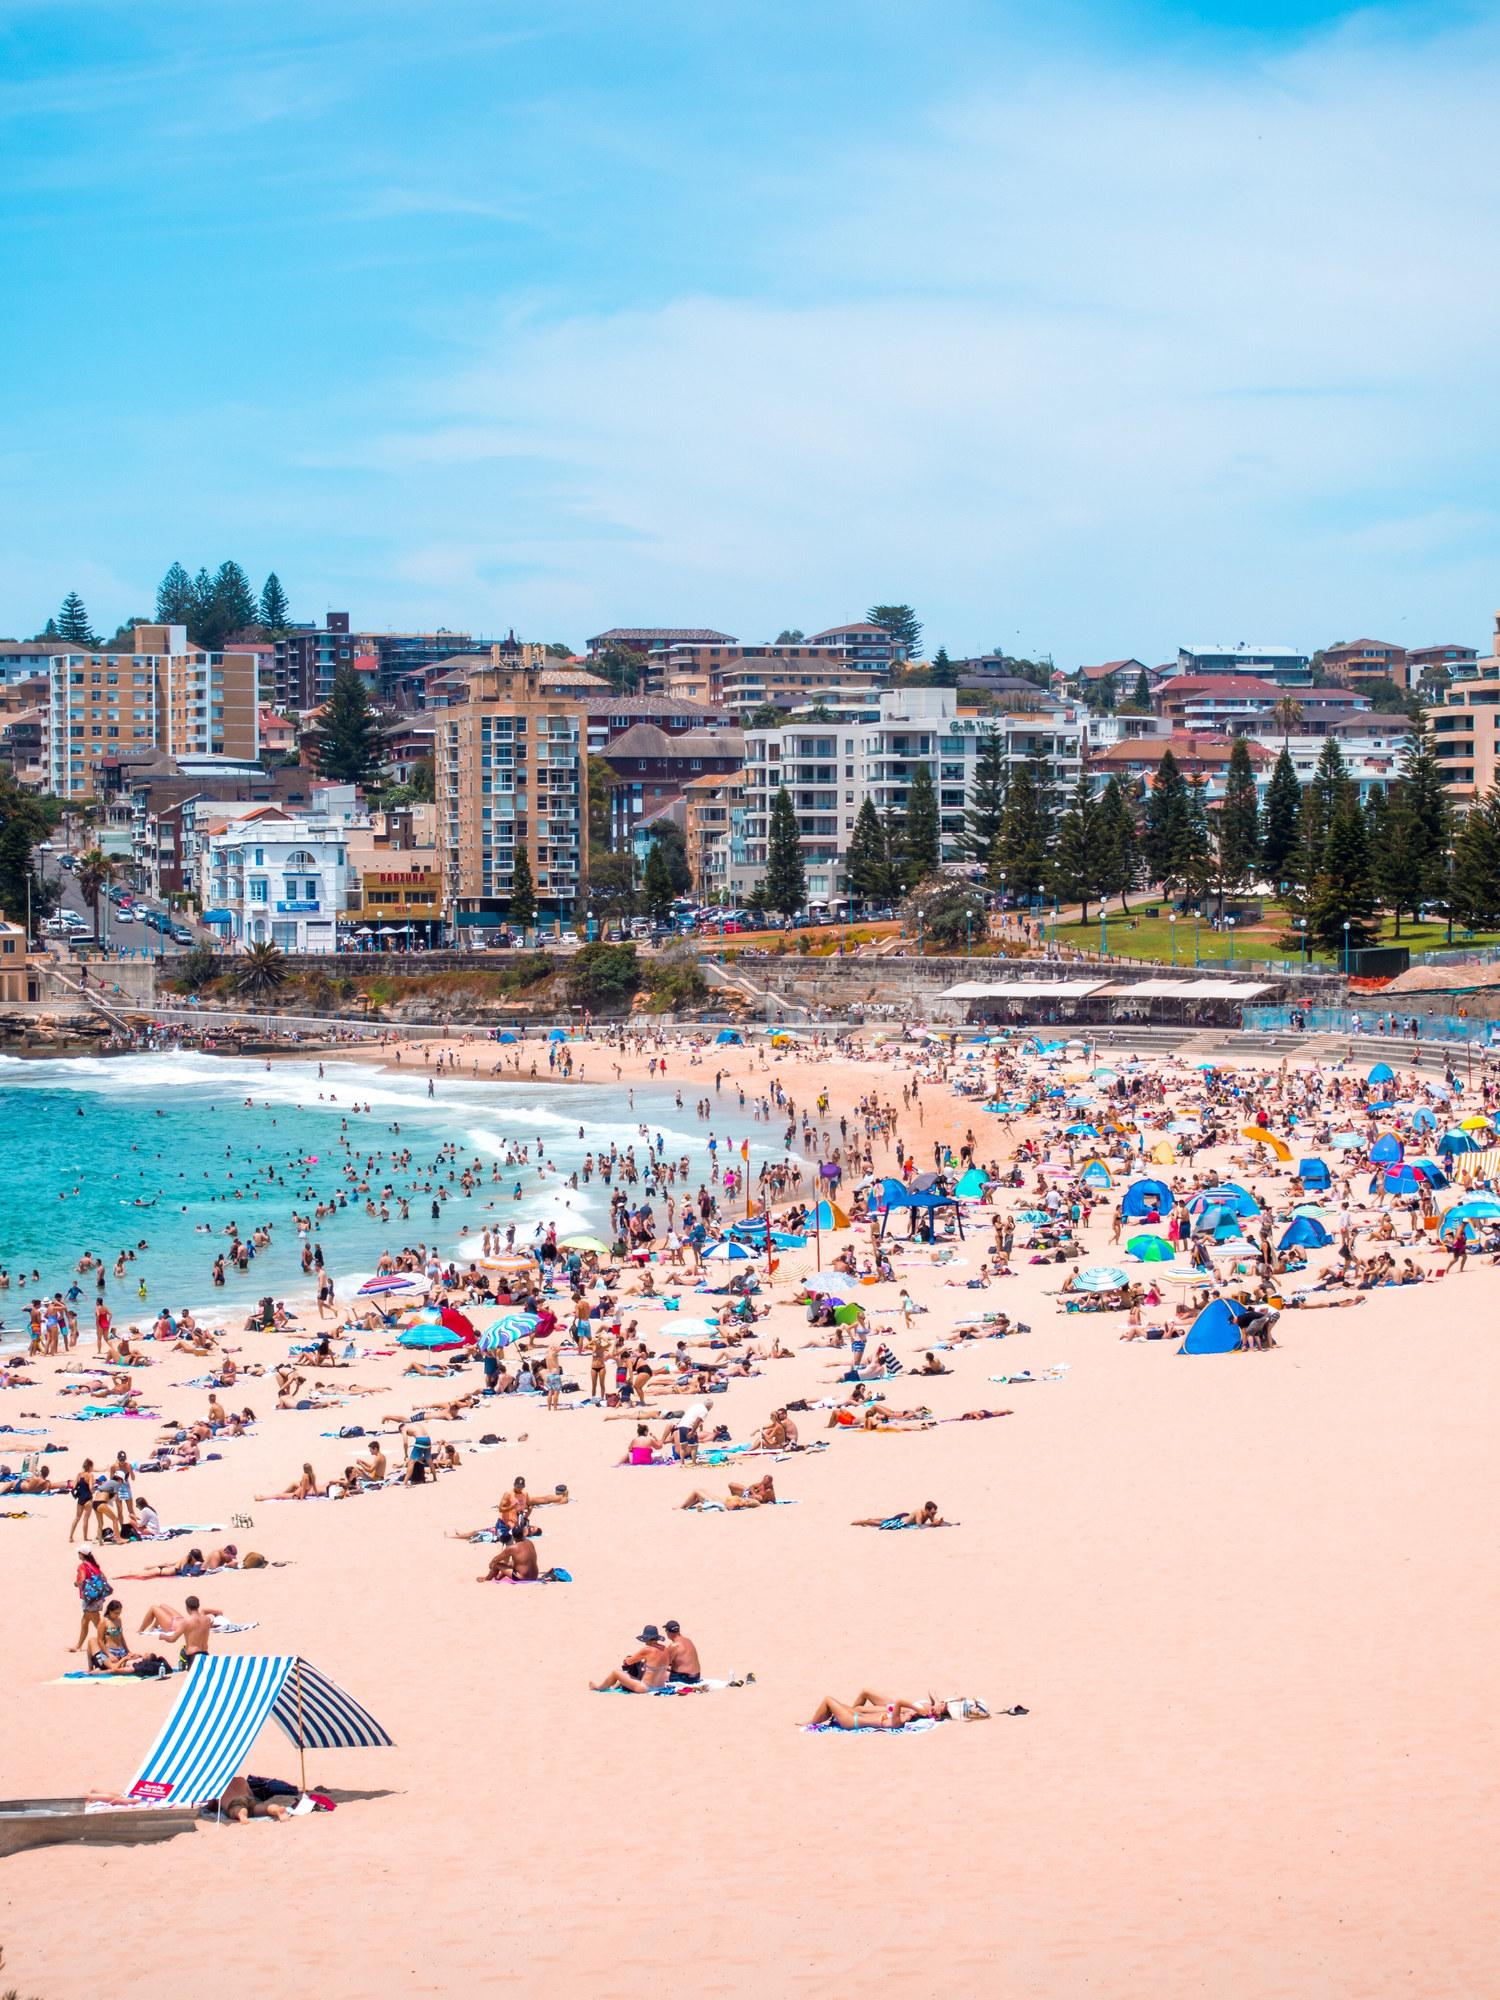 A busy Bondi beach in Sydney, Australia